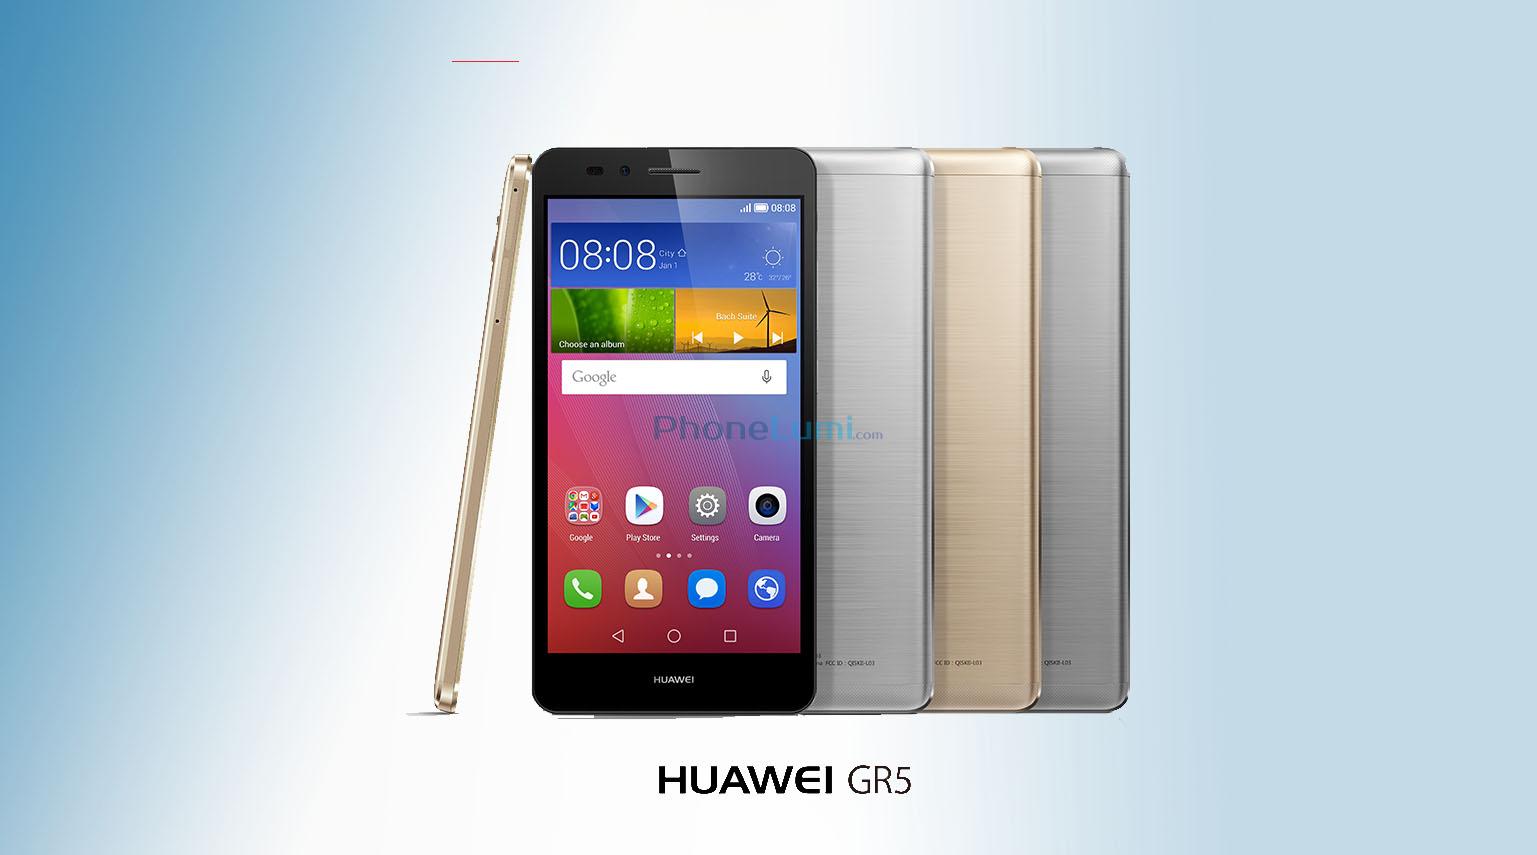 Download Huawei GR5 schematics